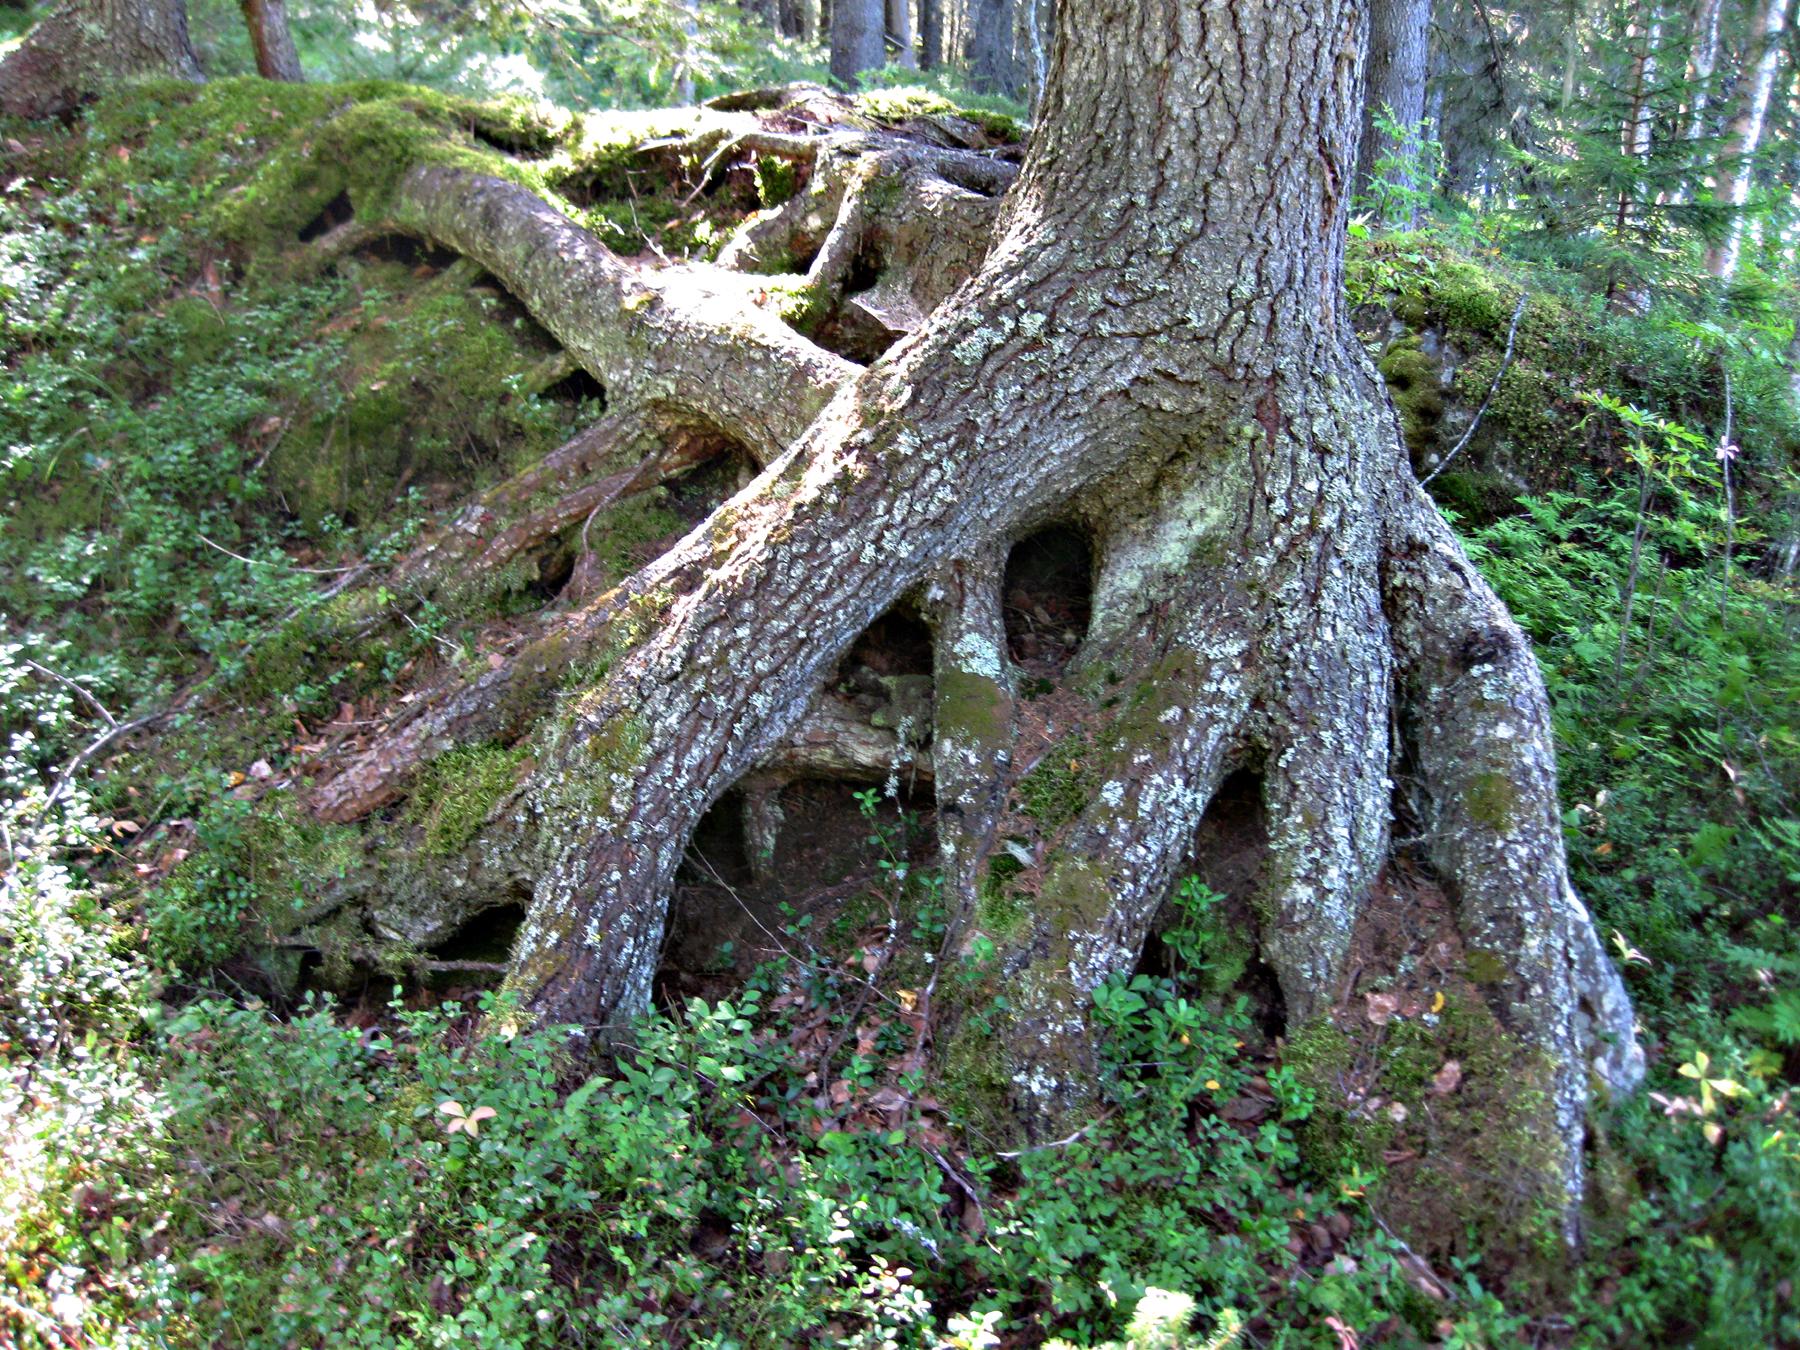 Granrötter